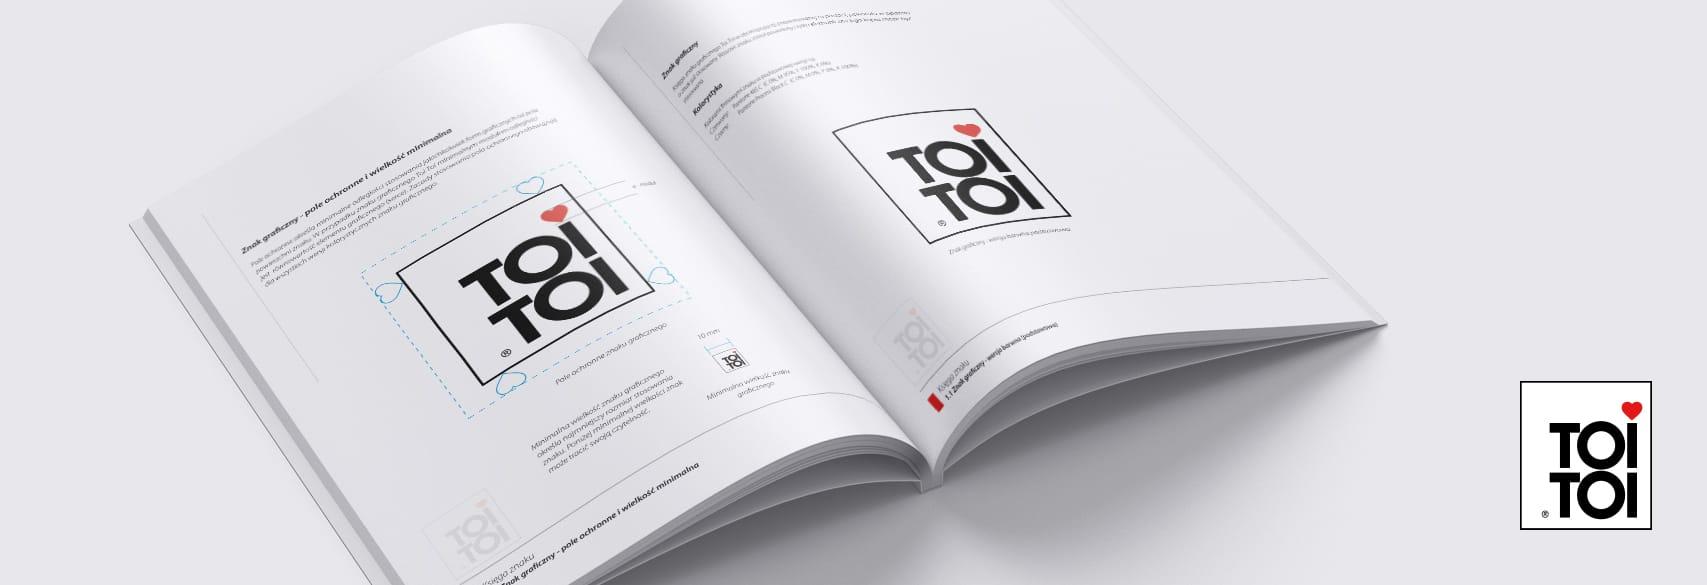 Projektowanie księgi znaku dla firmy ToiToi Polska